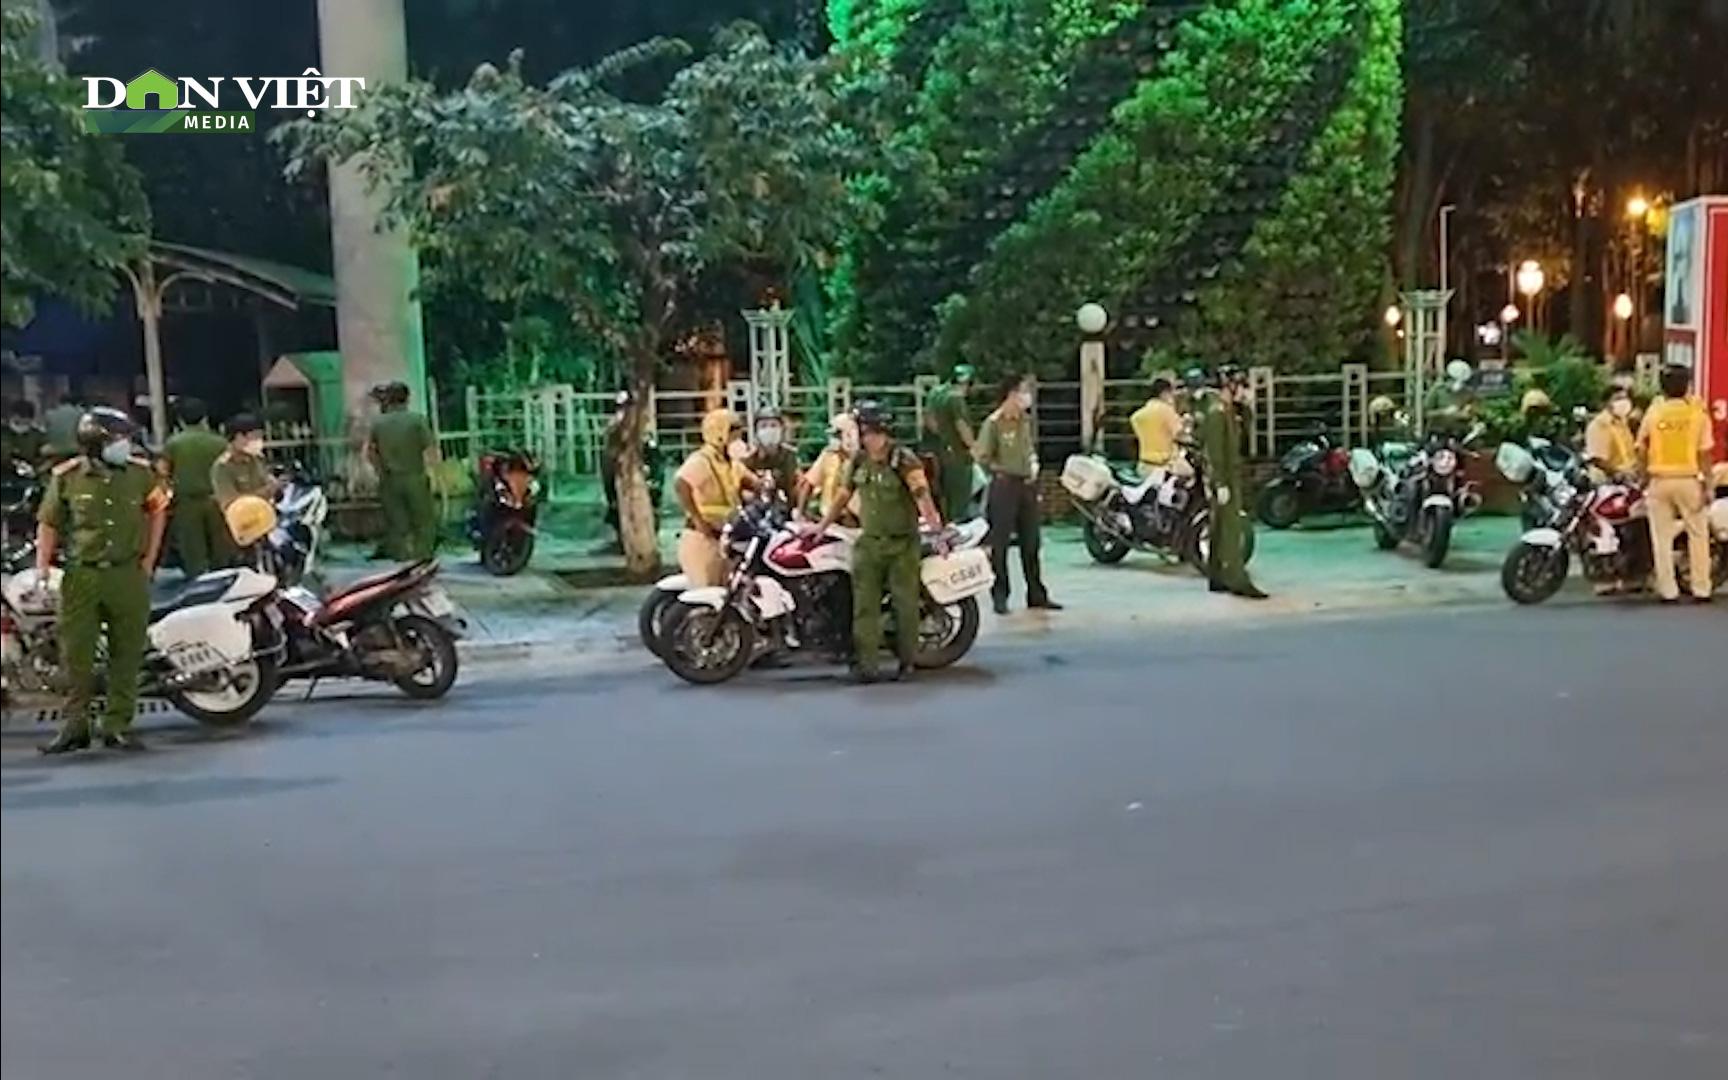 Đồng Nai: Đồng loạt ra quân kiểm tra người ra đường sau 18 giờ